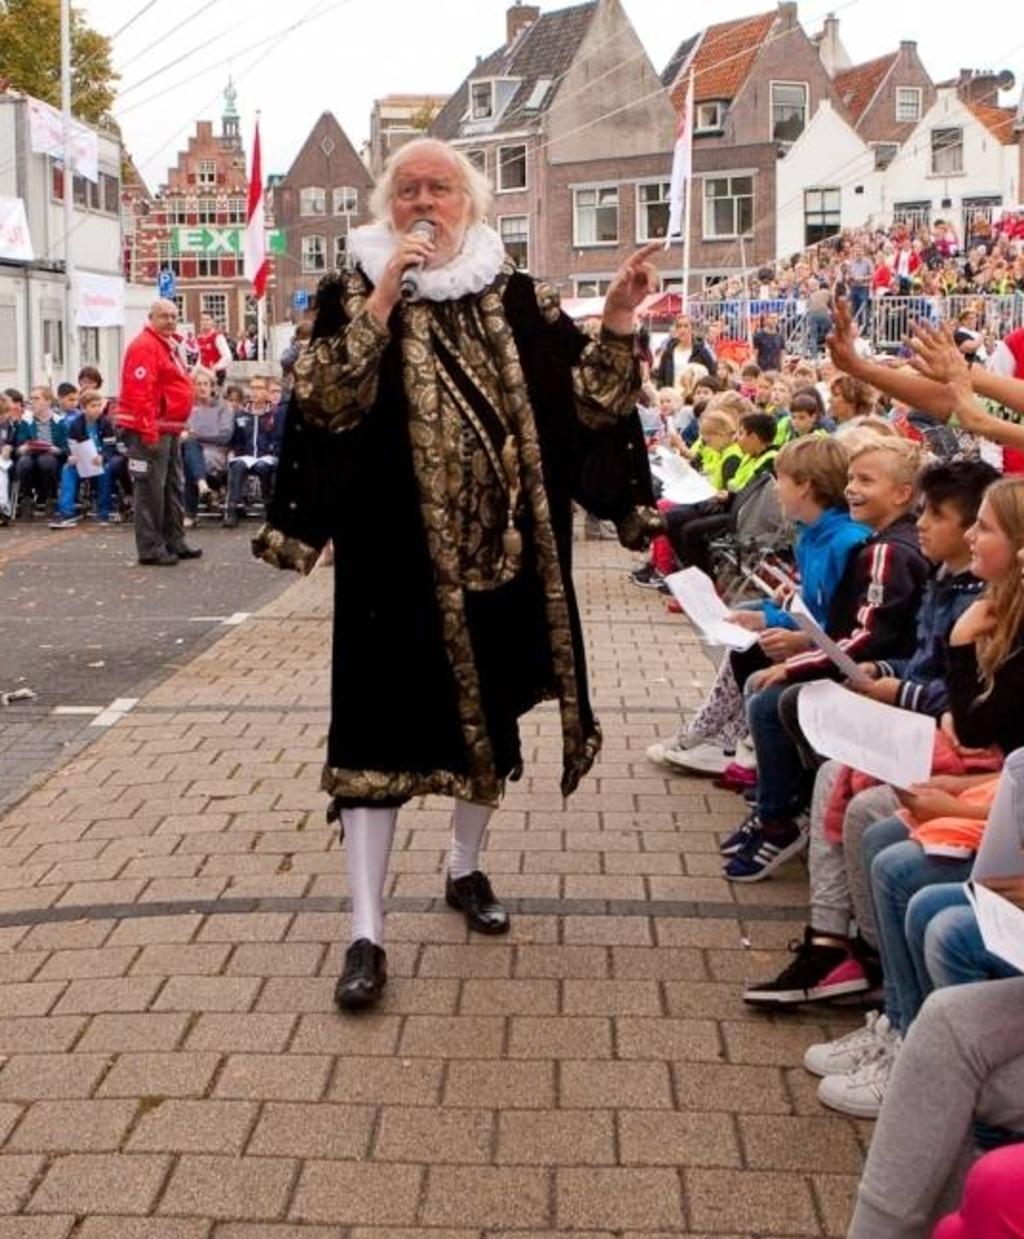 Burgemeester van der Werf in pre-coronatijd.